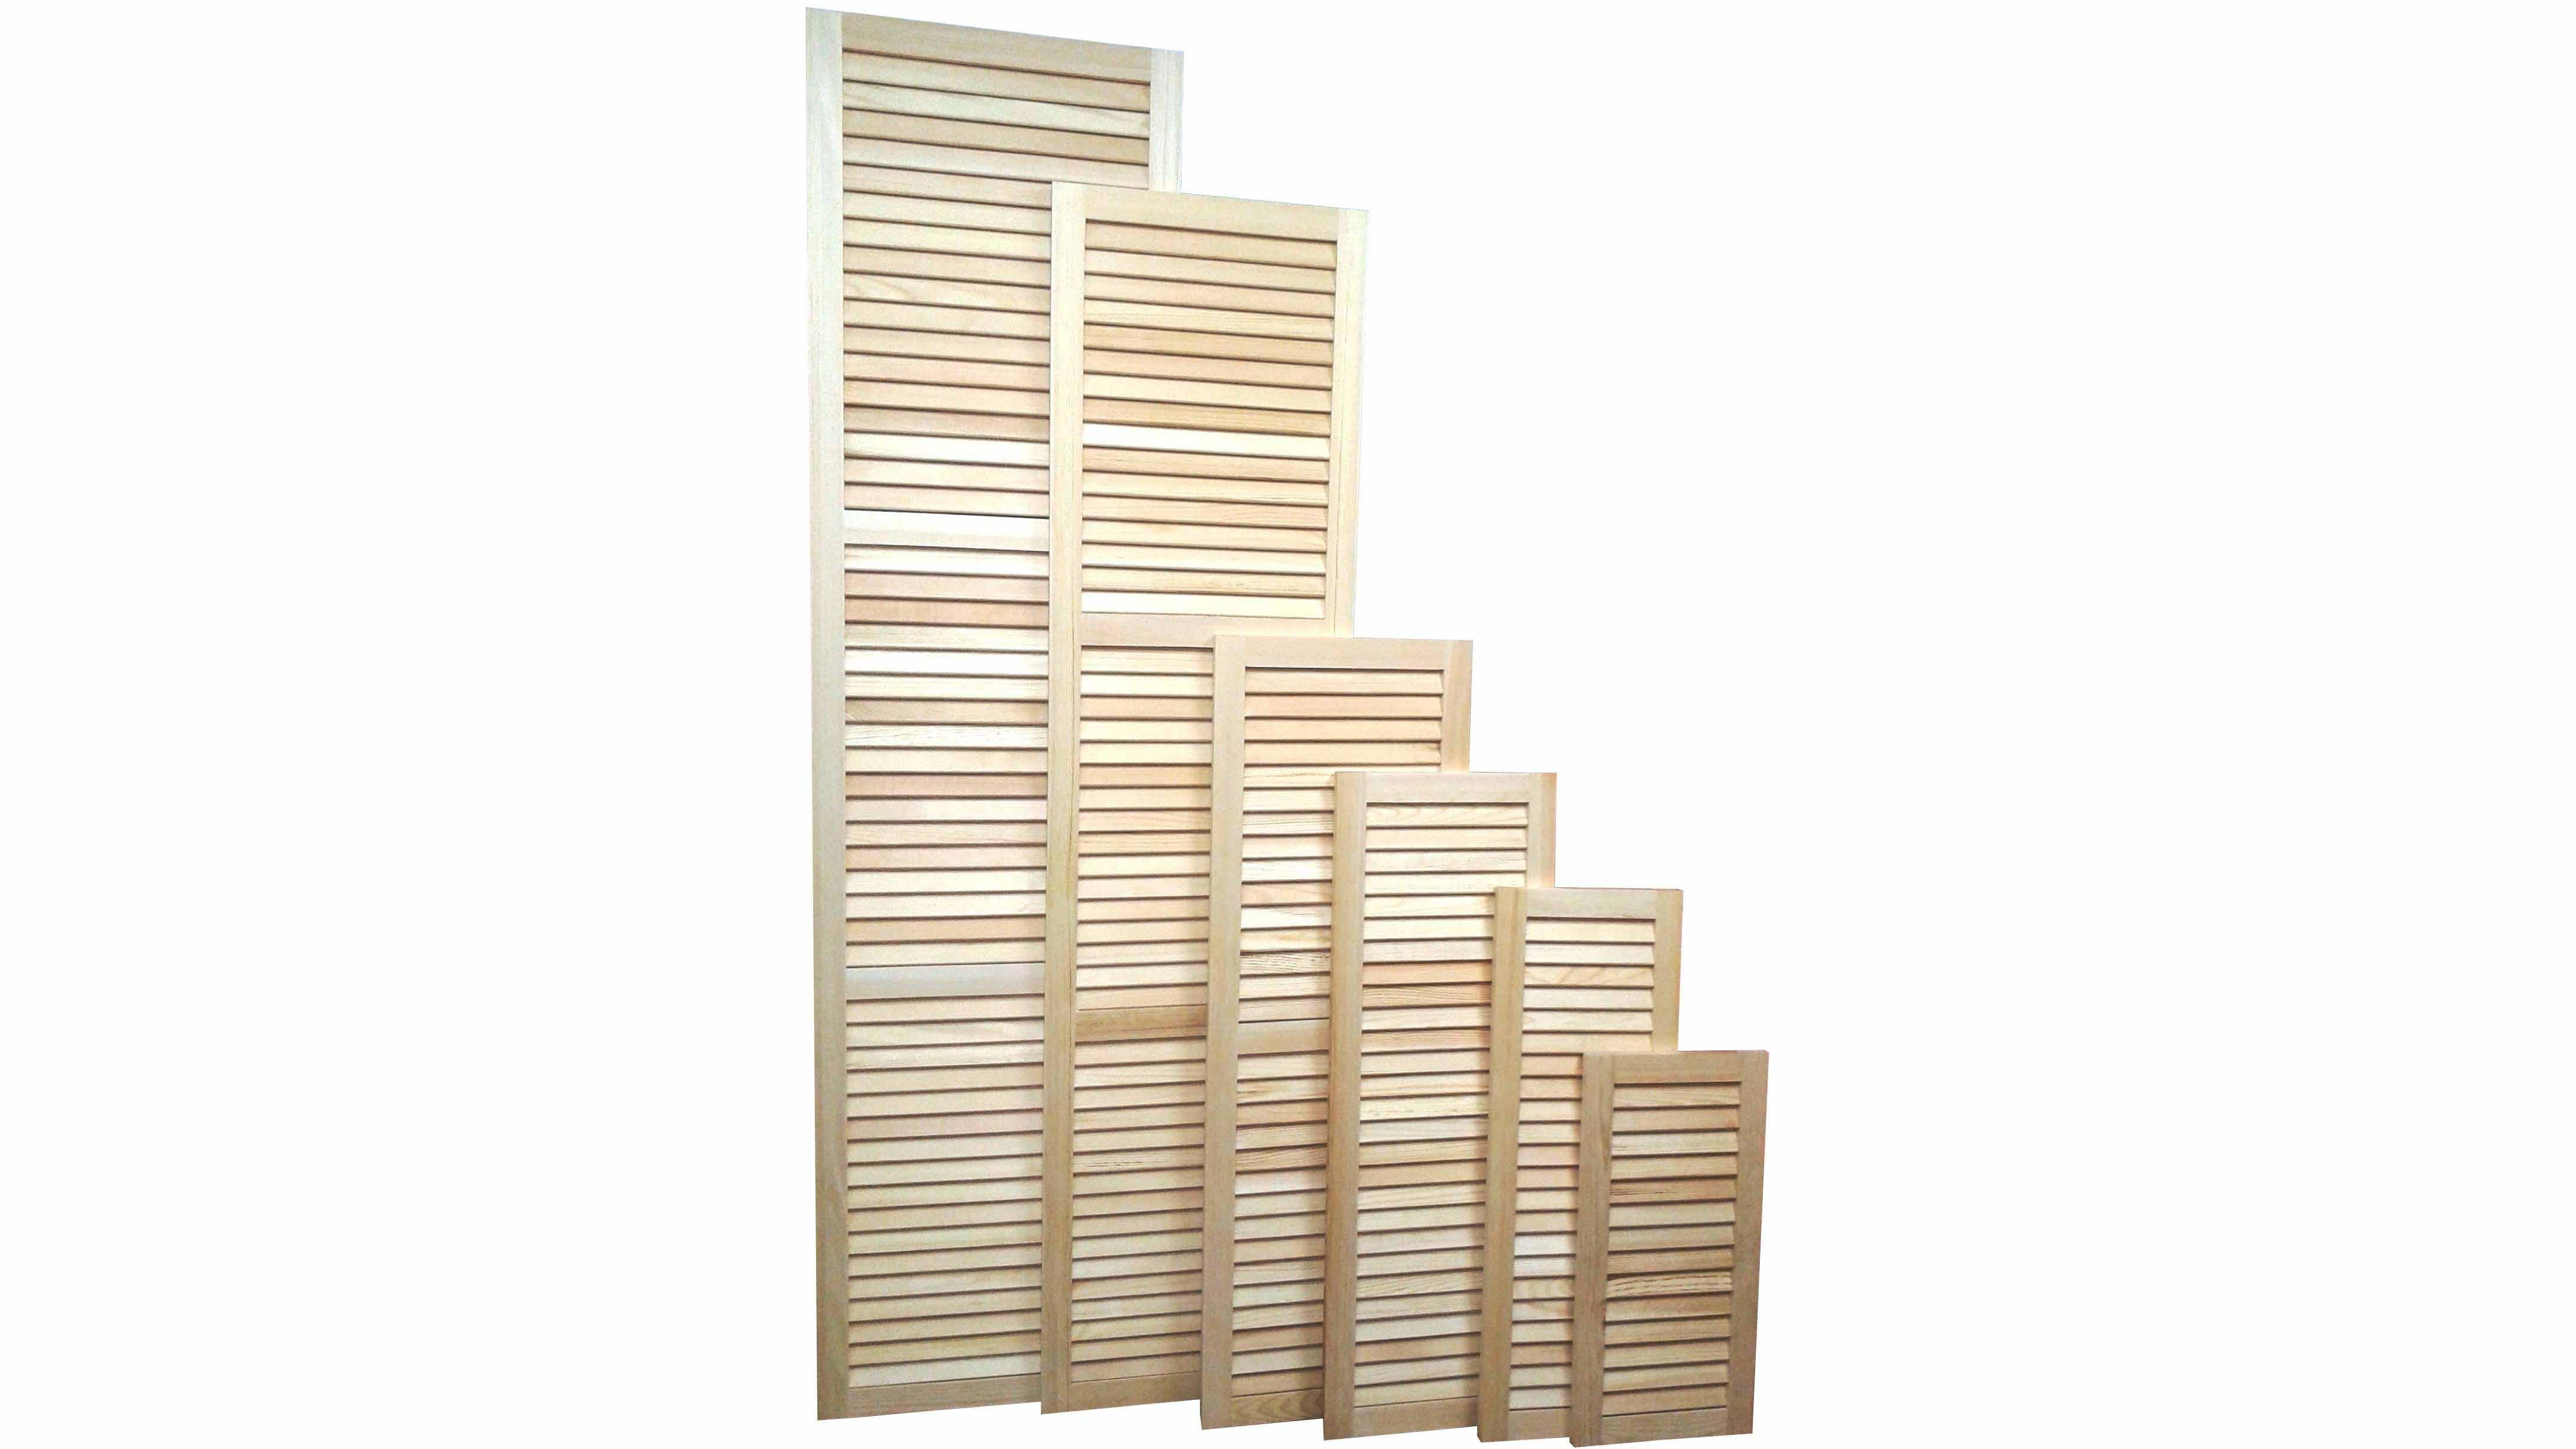 Двери-жалюзи: деревянные, пластиковые, металлические - постройки